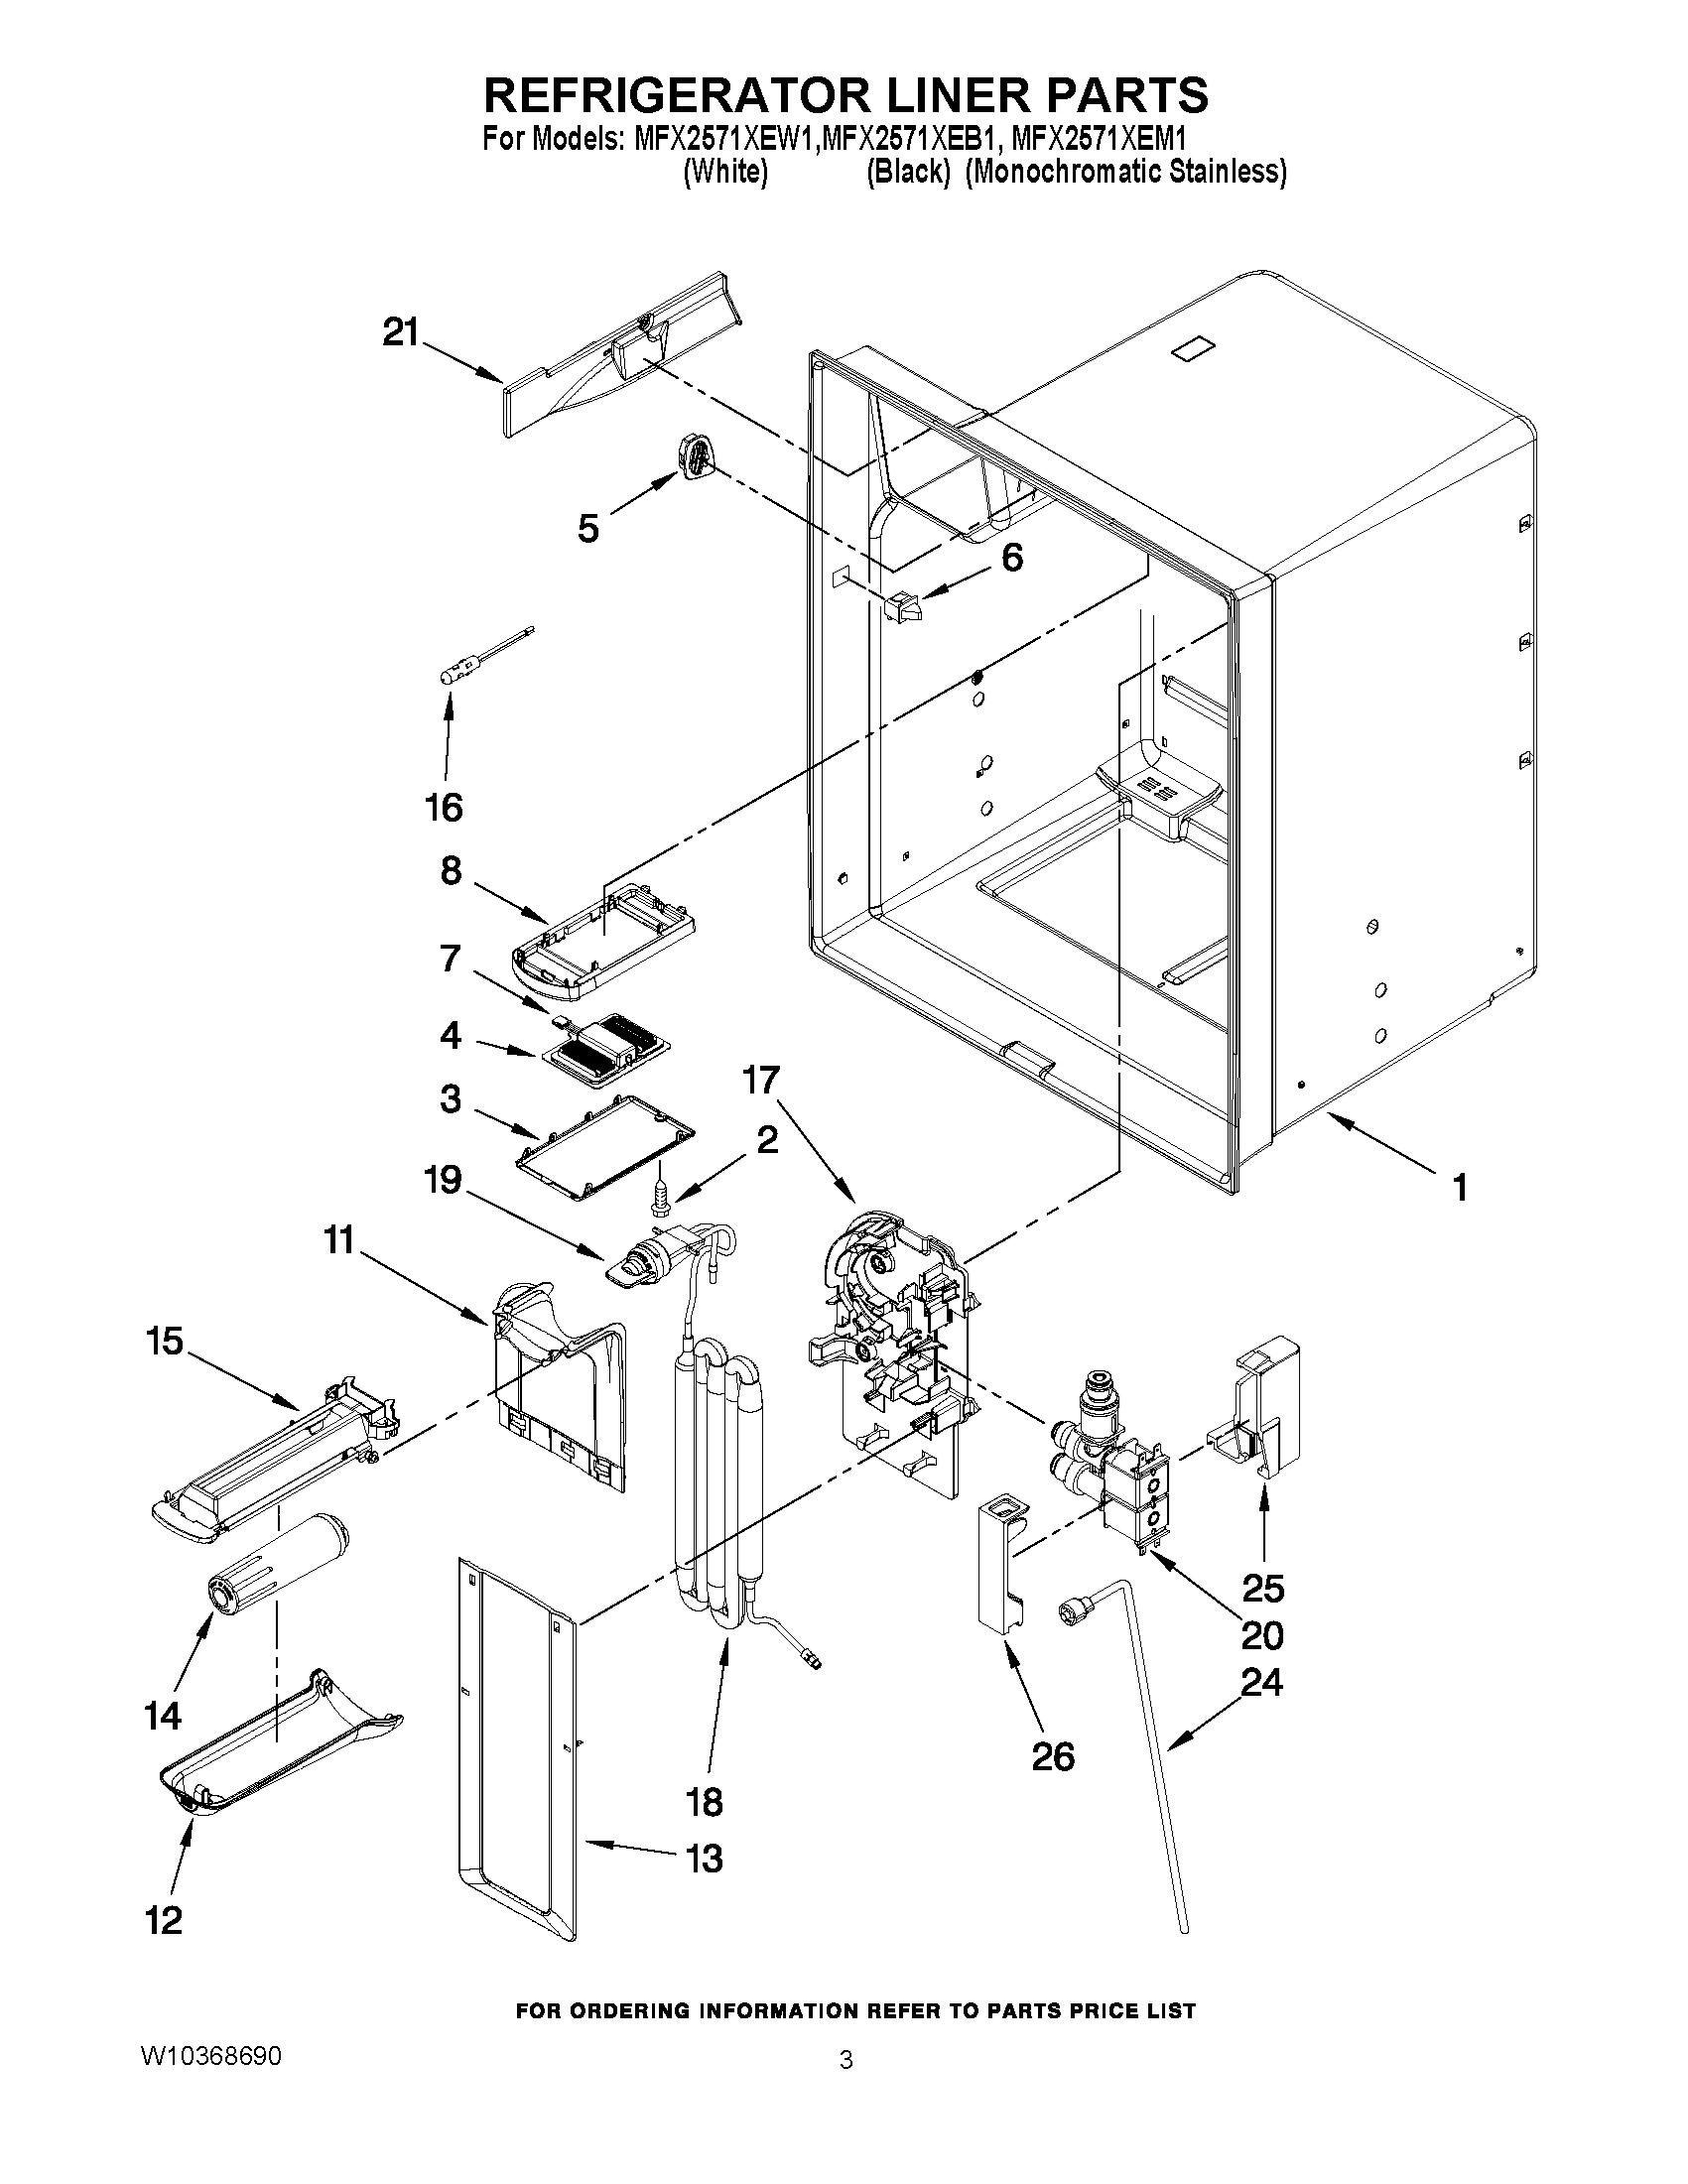 John Deere 265 Wiring Diagram Schematic Diagrams Gt275 Schematics 445